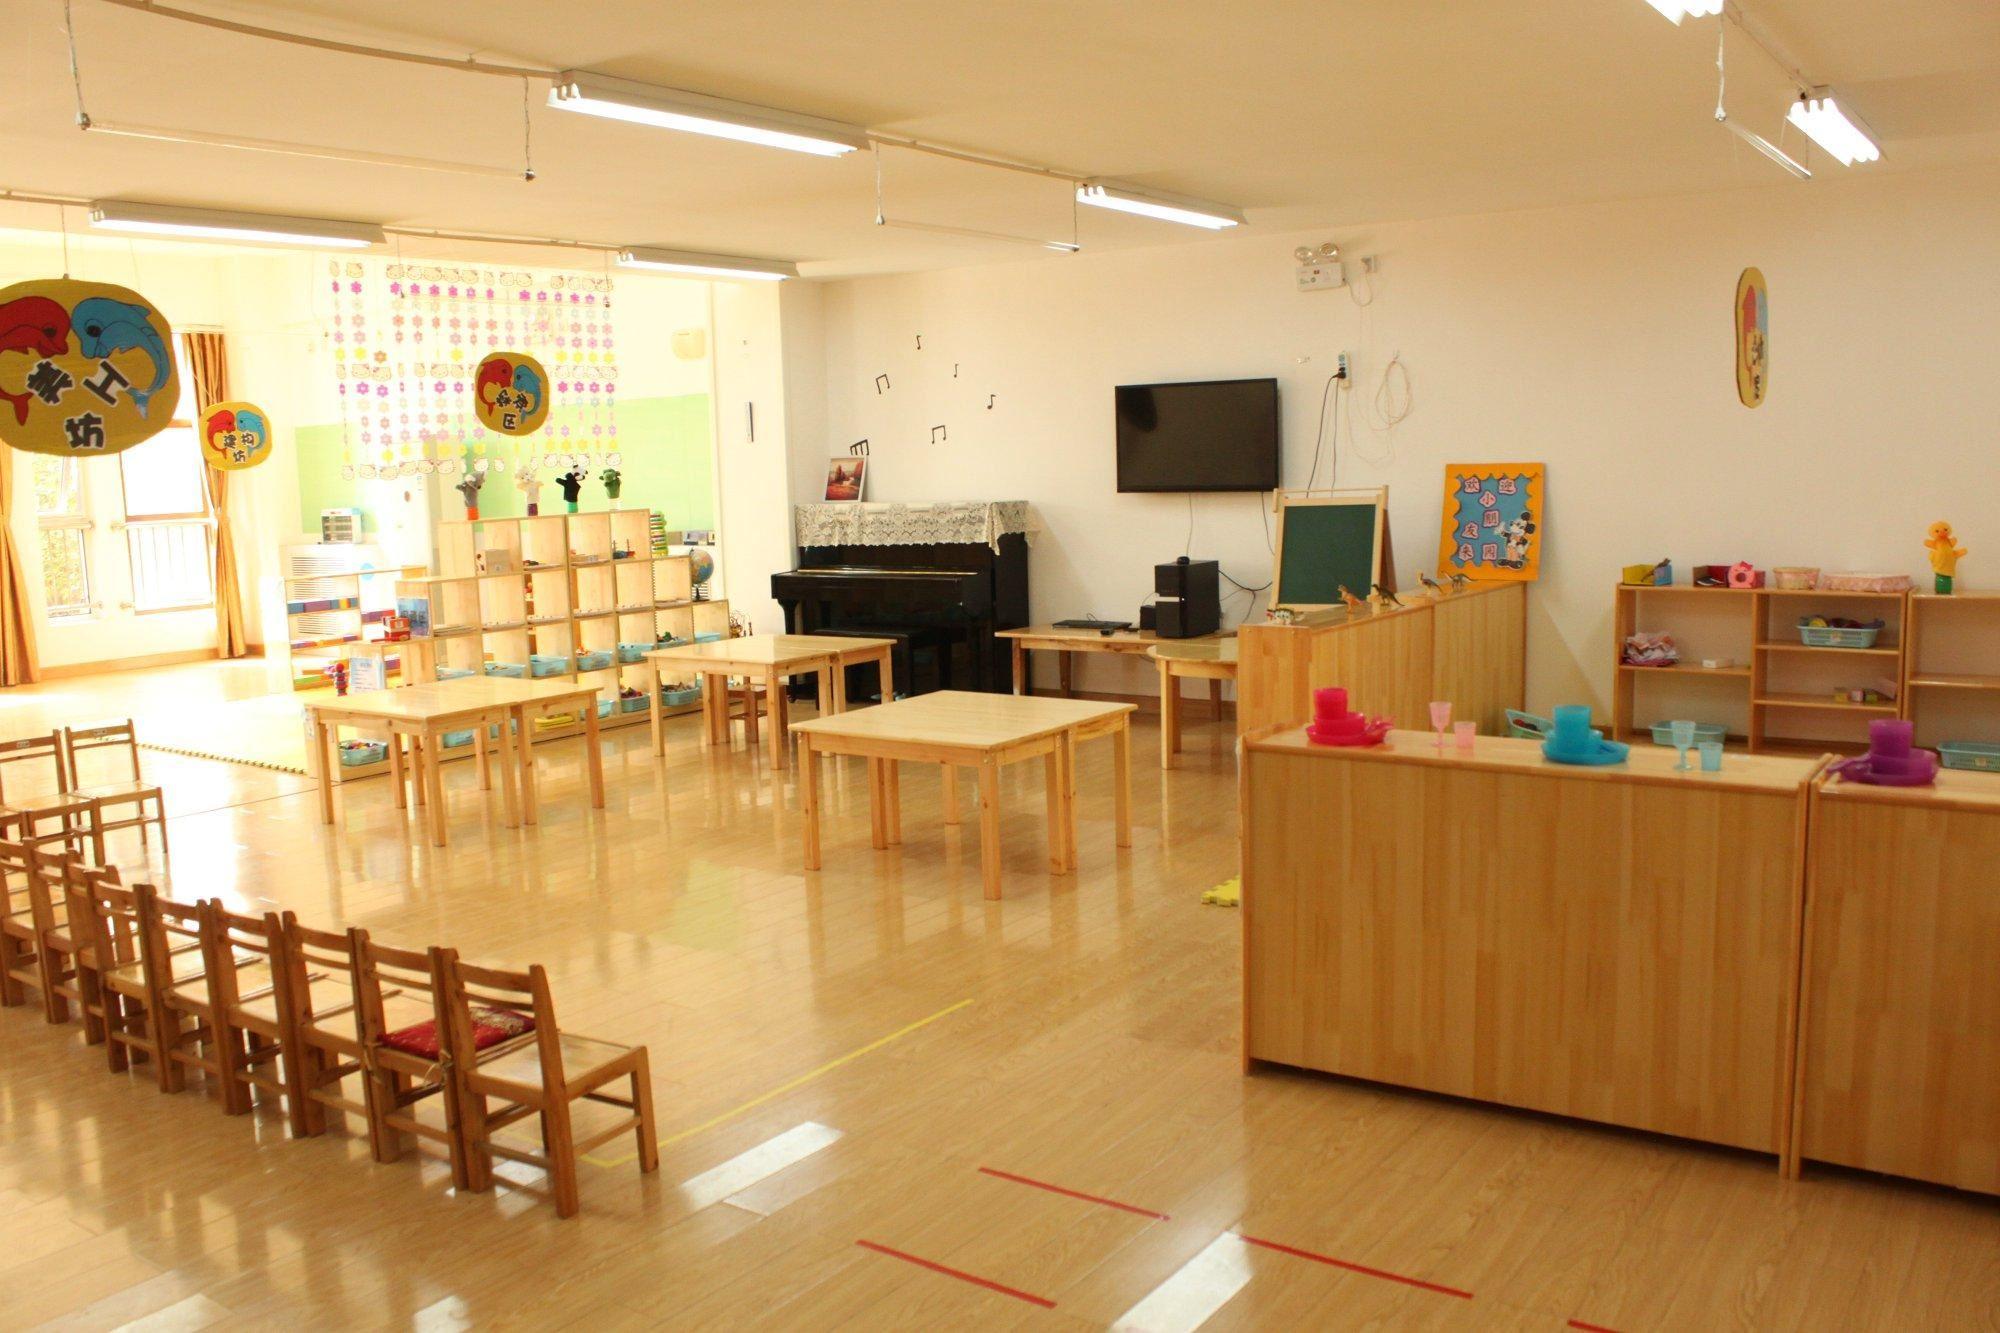 特蕾新幼儿园